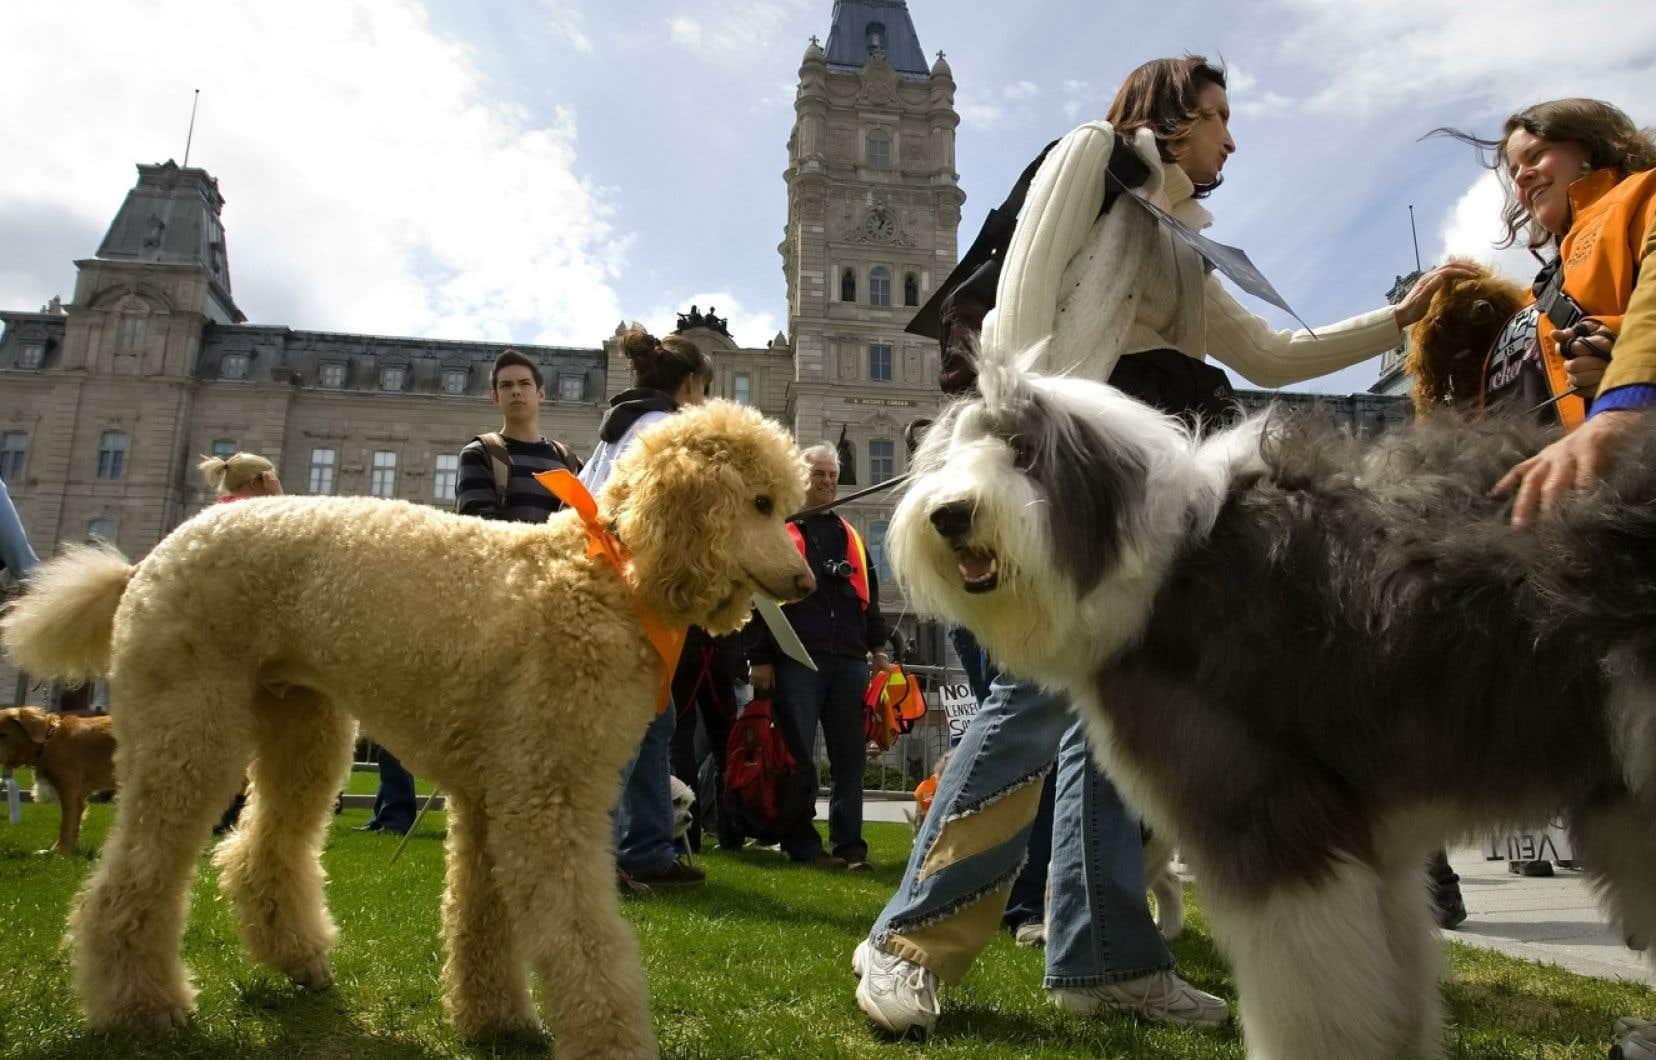 La reconnaissance légale de la sensibilité animale ne confère pas des «droits» aux animaux, mais aura pour effet d'accroître les obligations des propriétaires et des éleveurs envers les bêtes.<br />